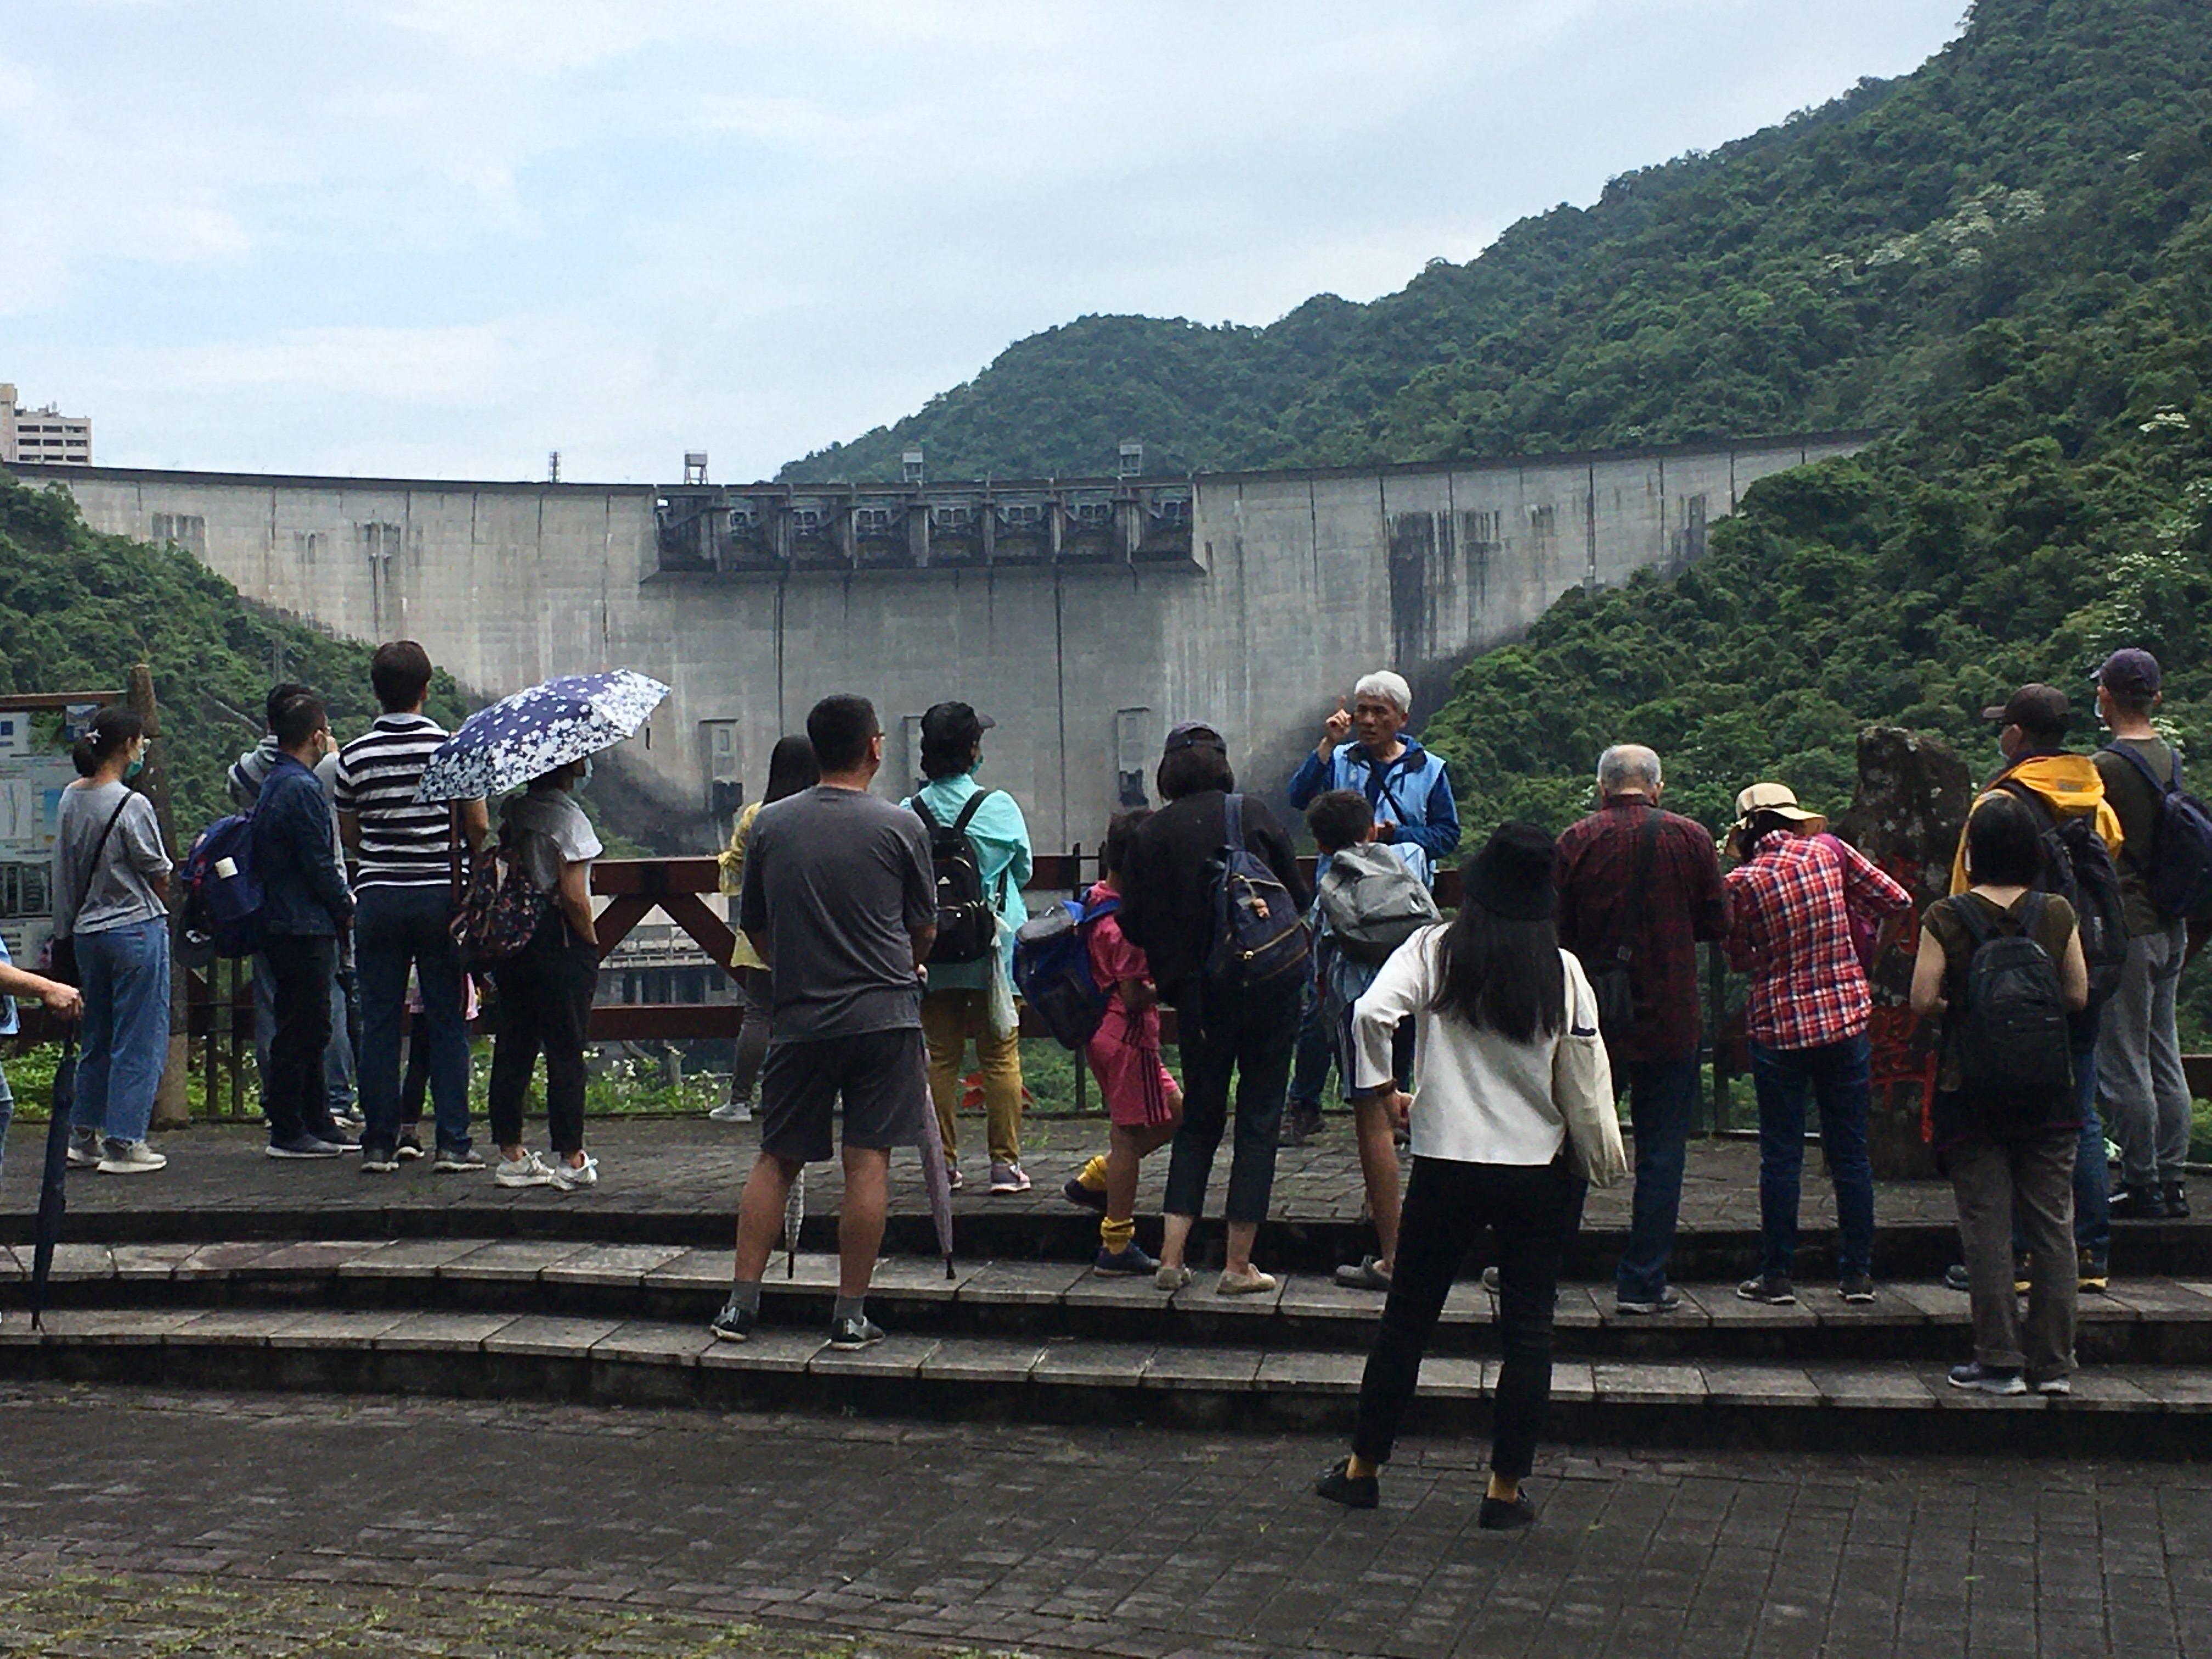 圖片說明:導覽人員為民眾介紹翡翠大壩